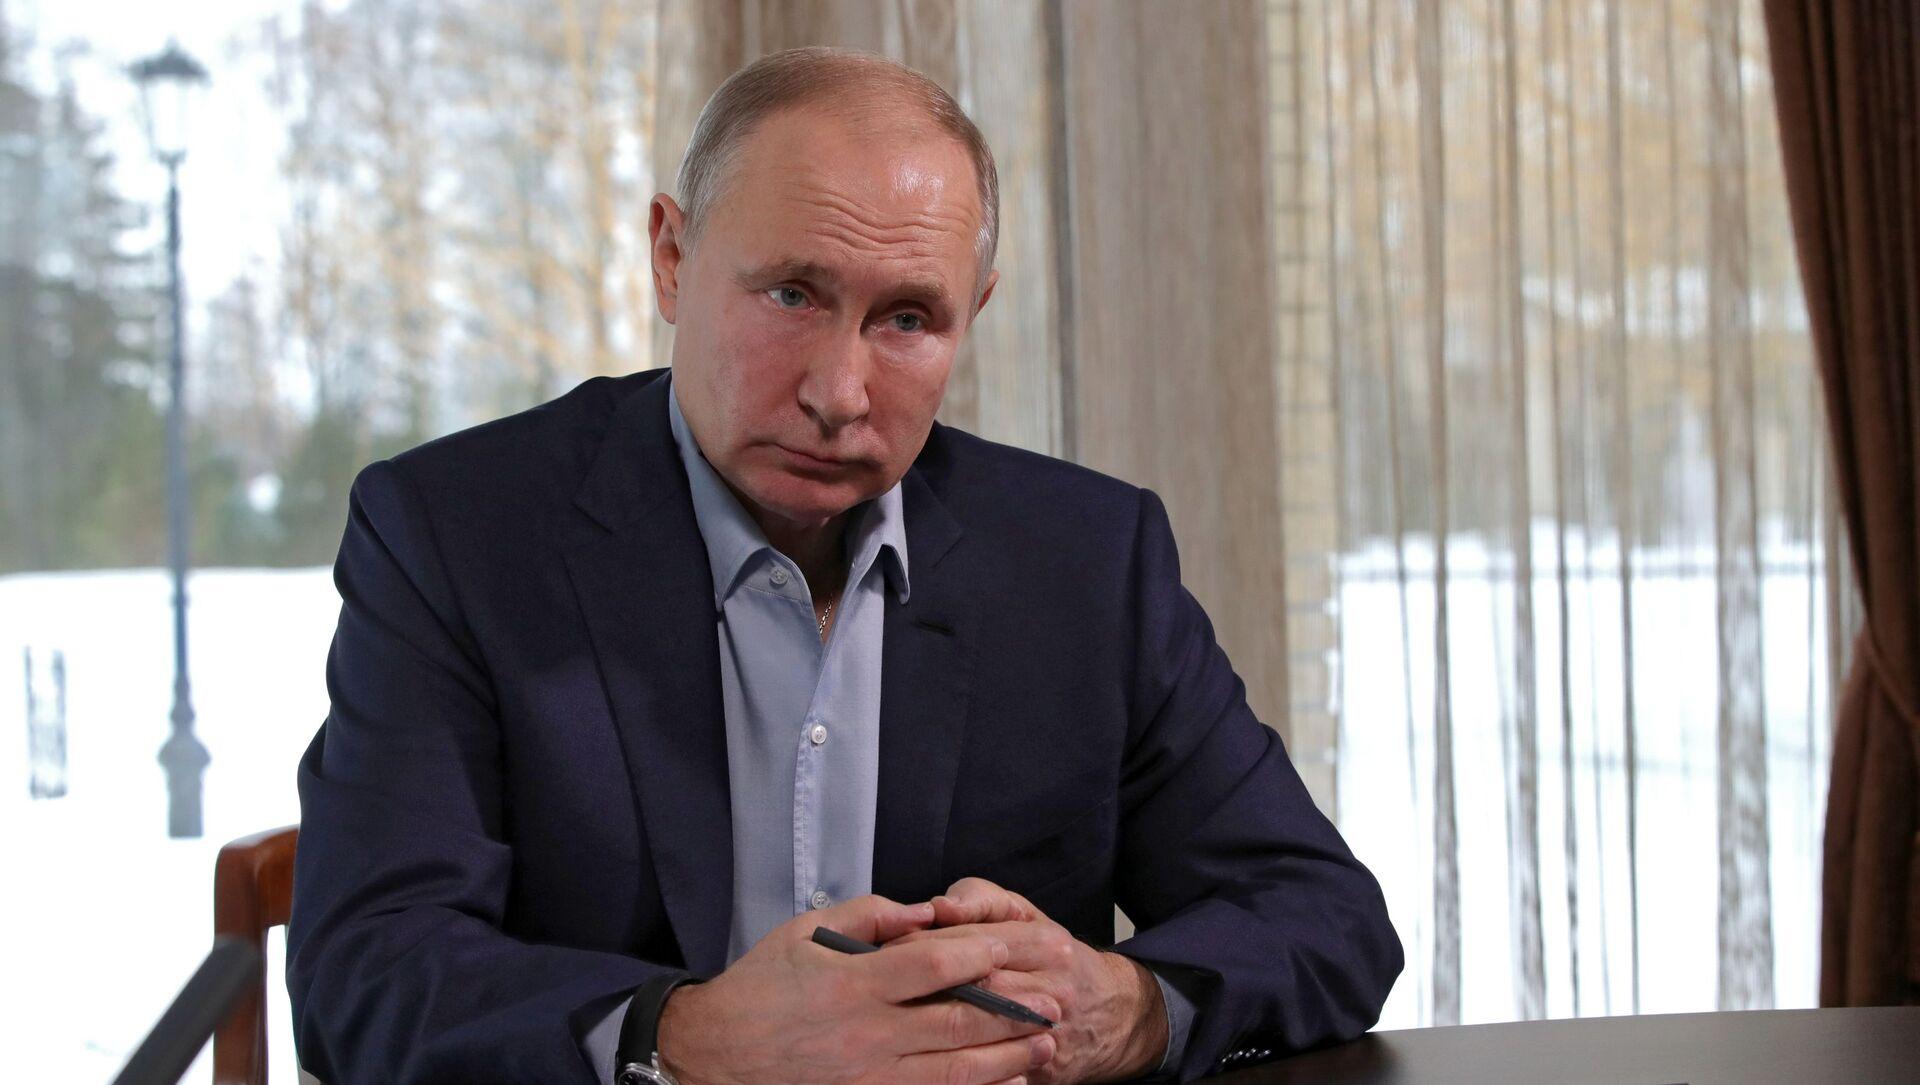 Ruský prezident Vladimir Putin debatuje se studenty v rámci režimu videokonference  - Sputnik Česká republika, 1920, 18.03.2021